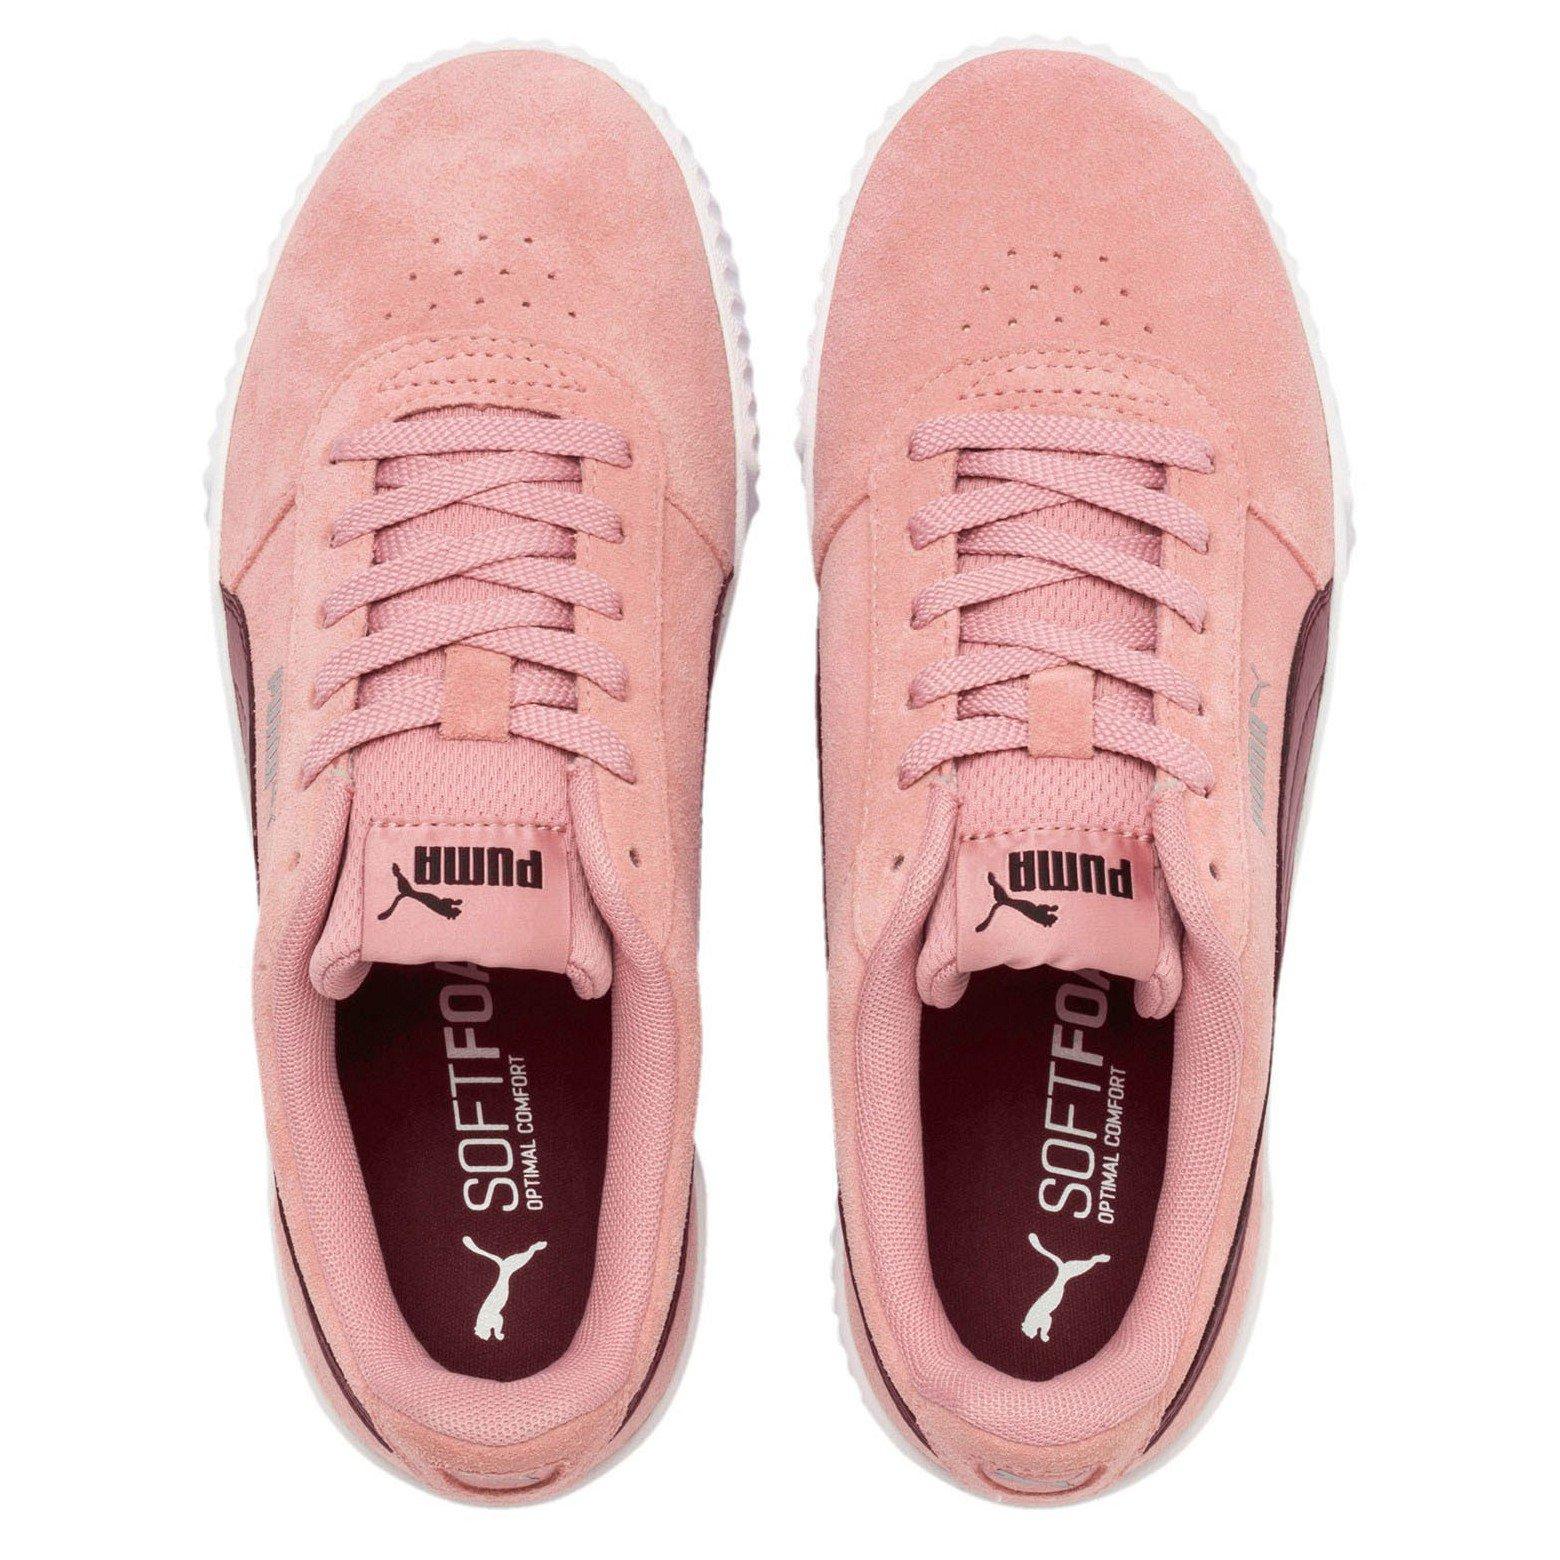 Puma Women Carina Sneaker Schuh 369864 | Puma >